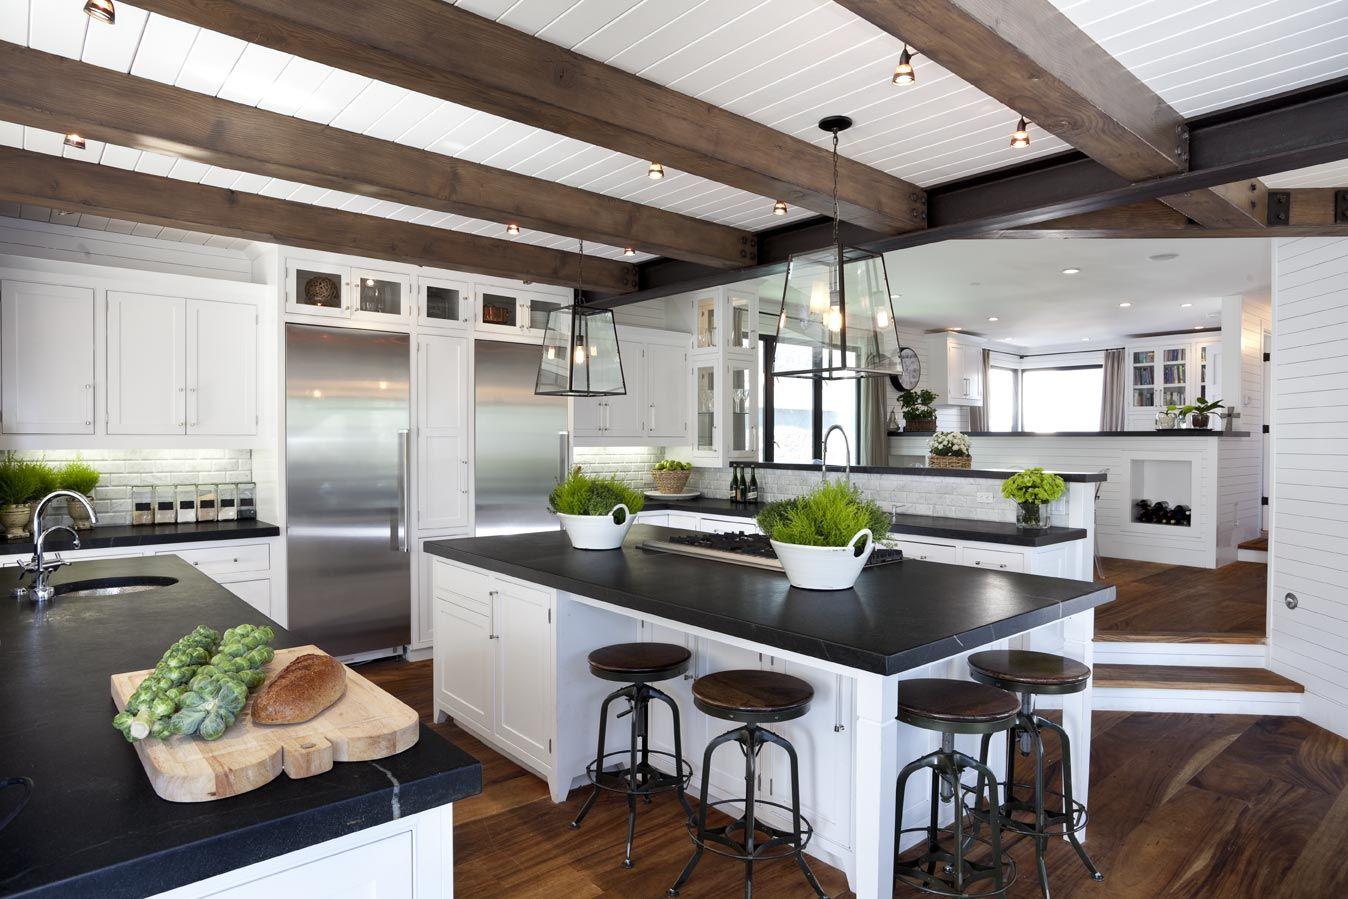 Great Kitchen Design By Dana Jones New Kitchen Designs Kitchen Design Trends Kitchen Design Great kitchen designs pictures